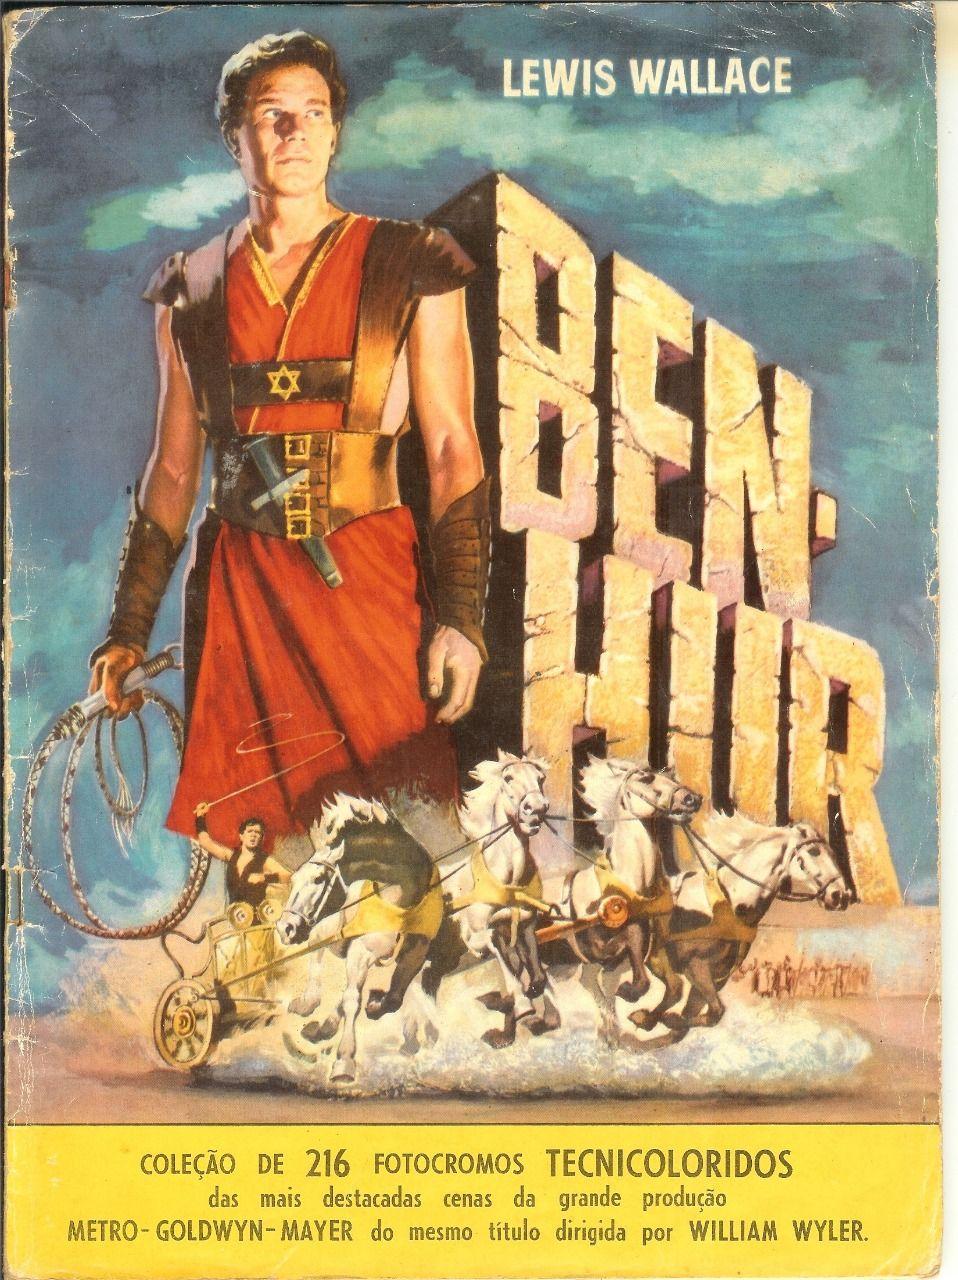 Álbuns de Figurinhas :: 70 ANOS DE GIBIS - Ben-Hur (O filme com Charlton Heston) em figurinhas de alto nível reproduzindo cenas do filme. Exemplar de meu acervo. #benhur1959